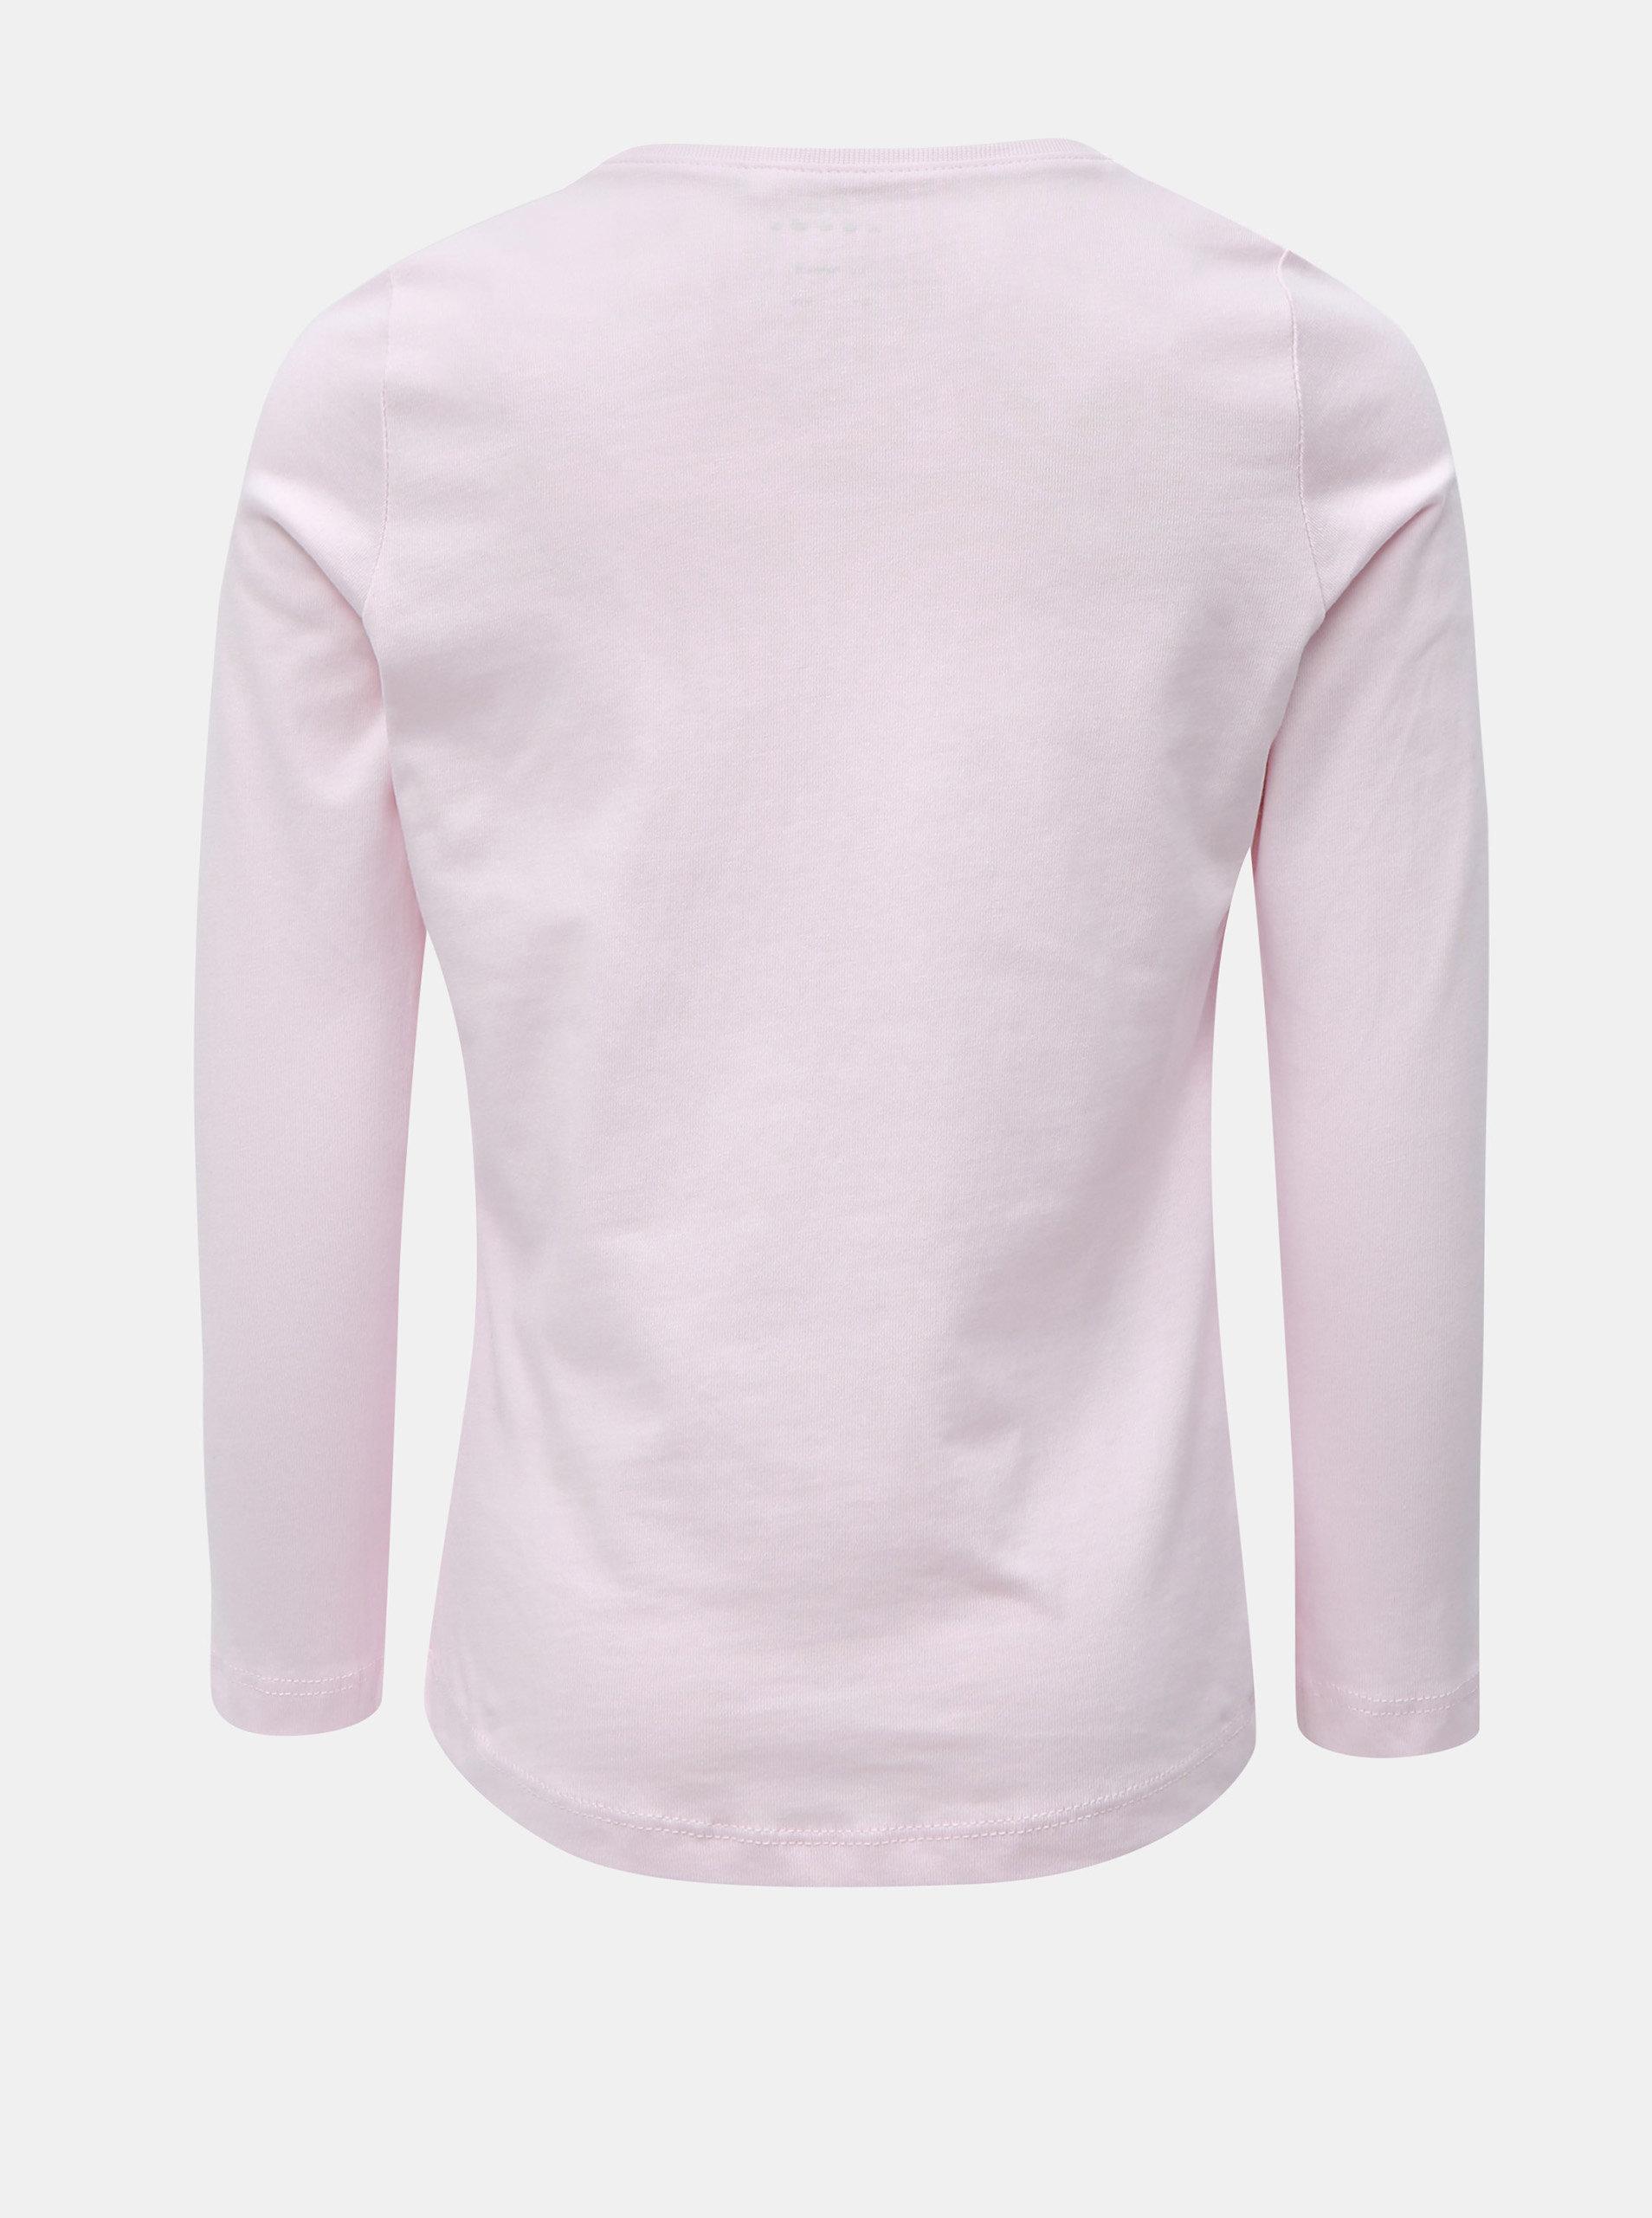 3583c7c0d054 Ružové dievčenské tričko s dlhým rukávom Name it ...